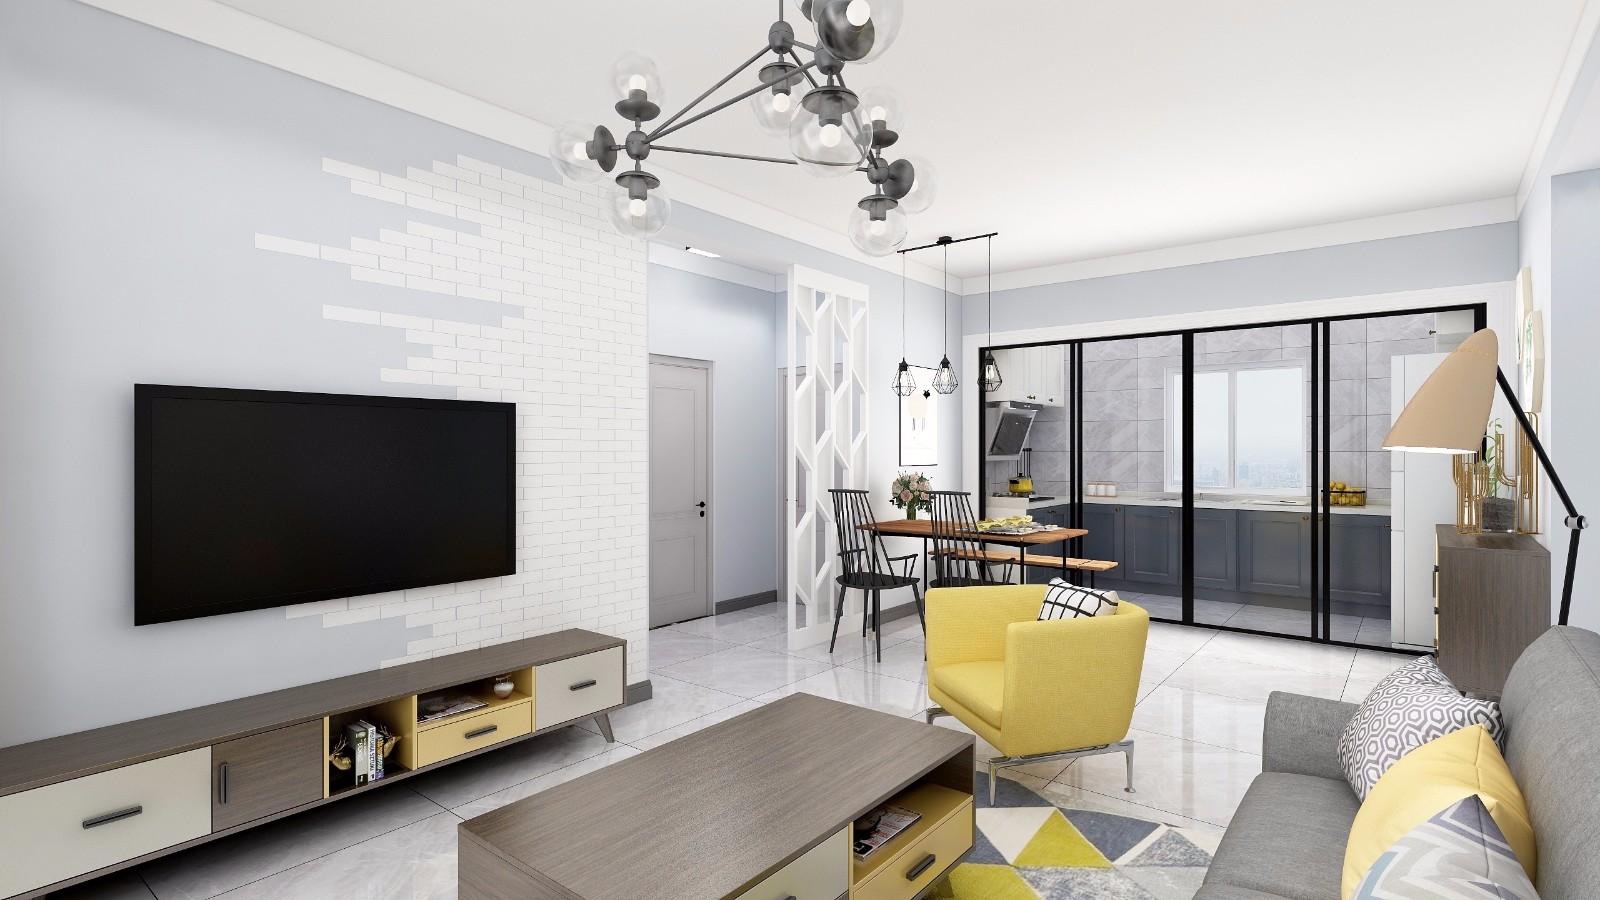 2019北欧90平米装饰设计 2019北欧楼房图片